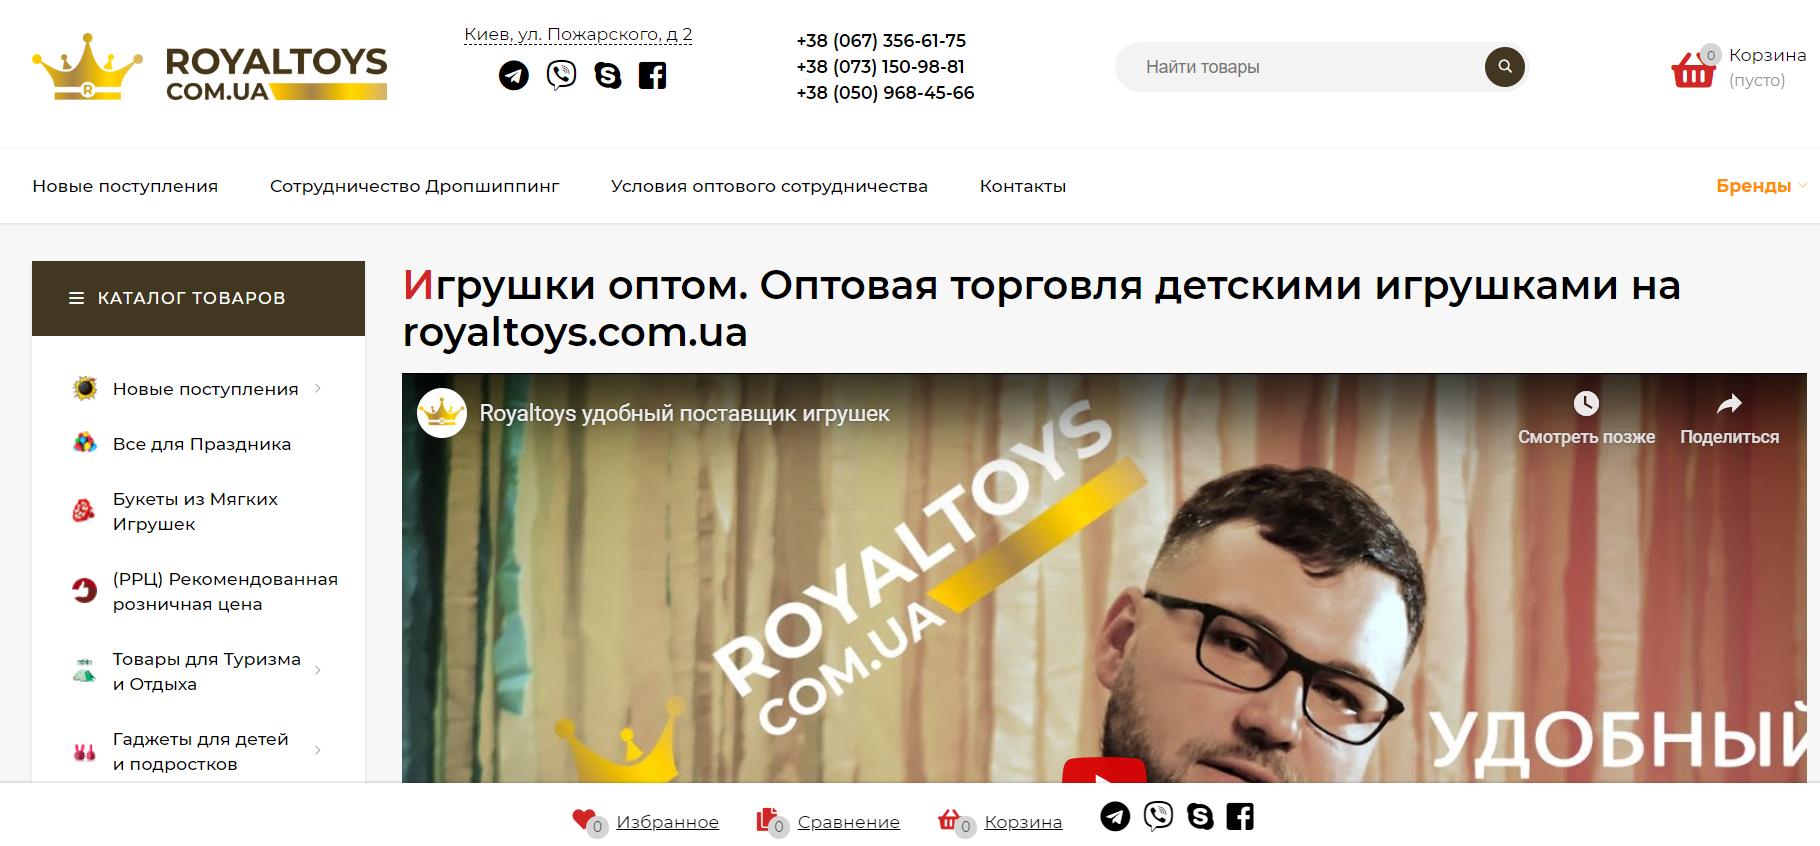 Интернет-магазин royaltoys.com.ua